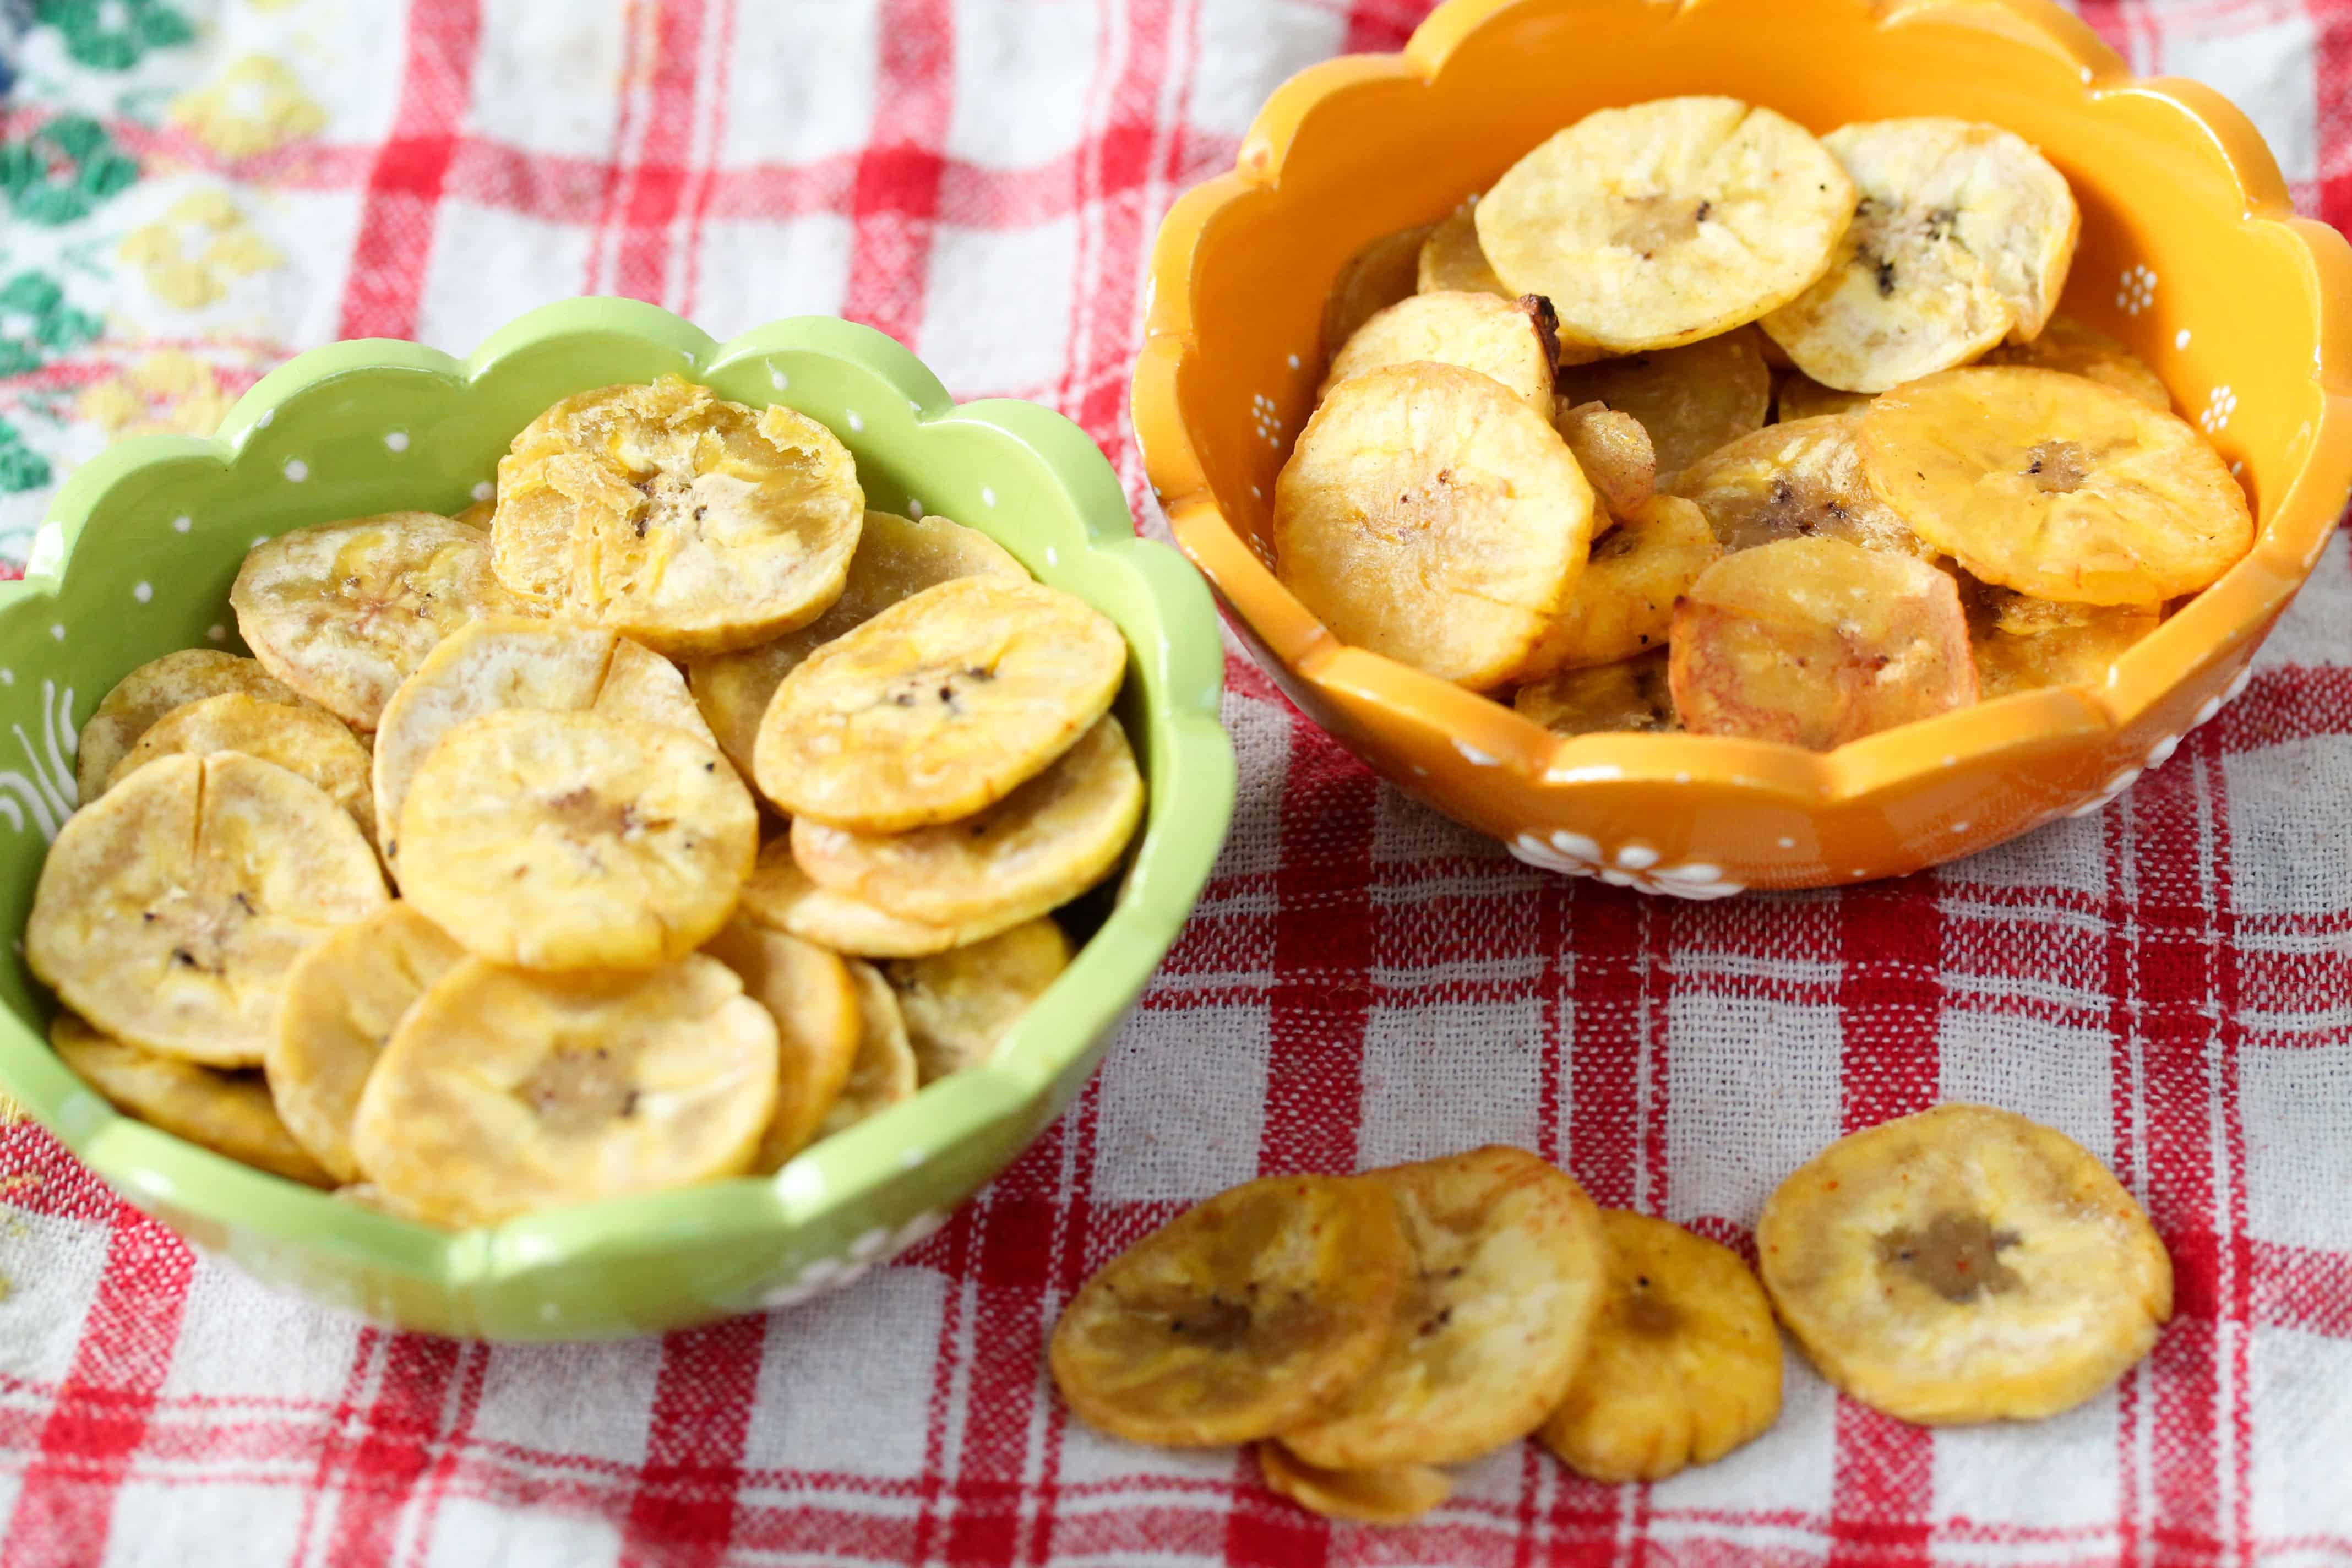 green-banana-plantain-chips